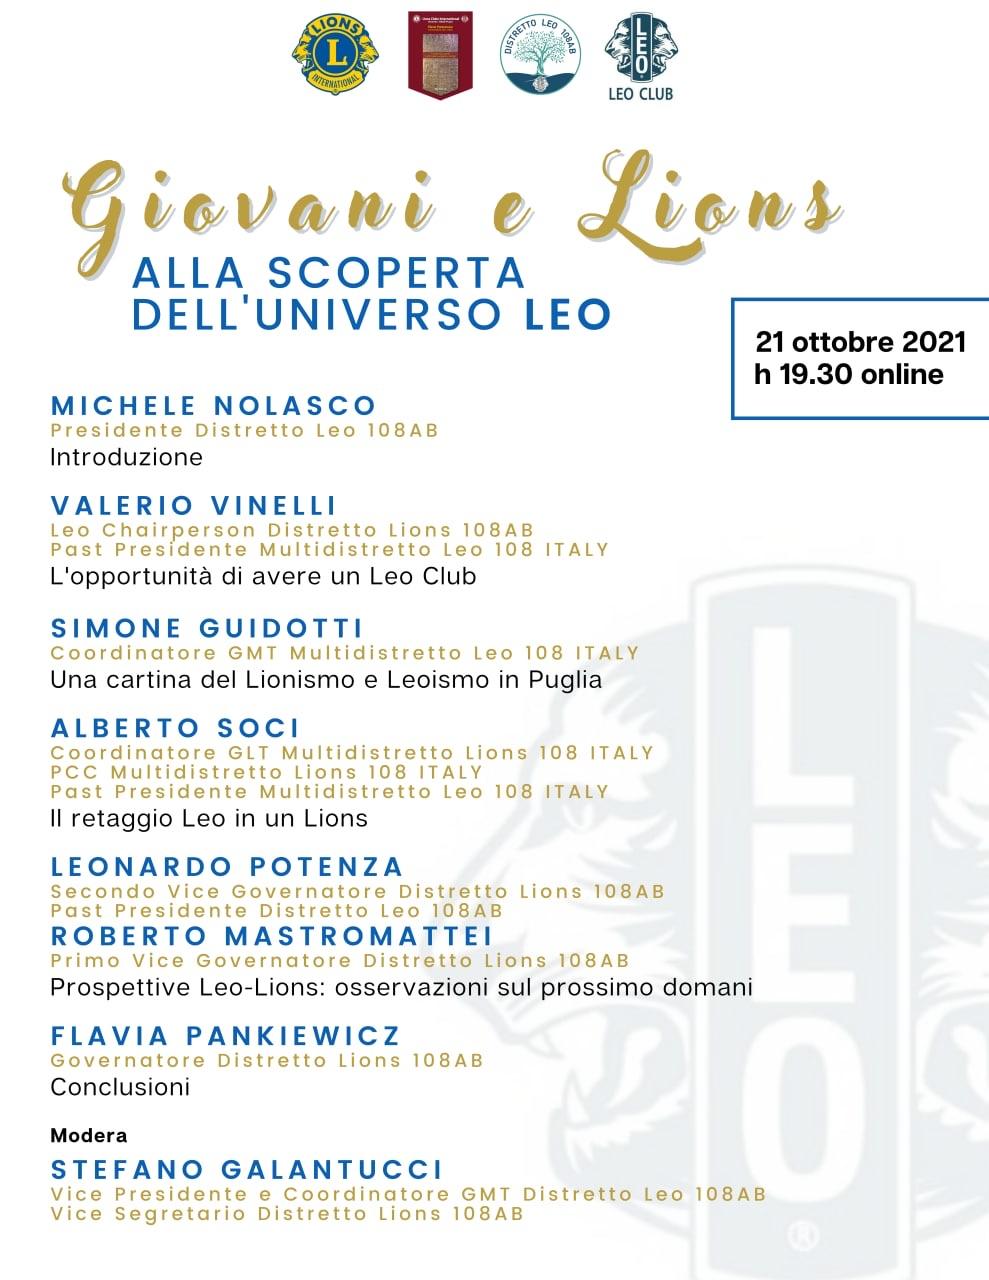 Giovani e Lions - ALLA SCOPERTA DELL'UNIVERSO LEO